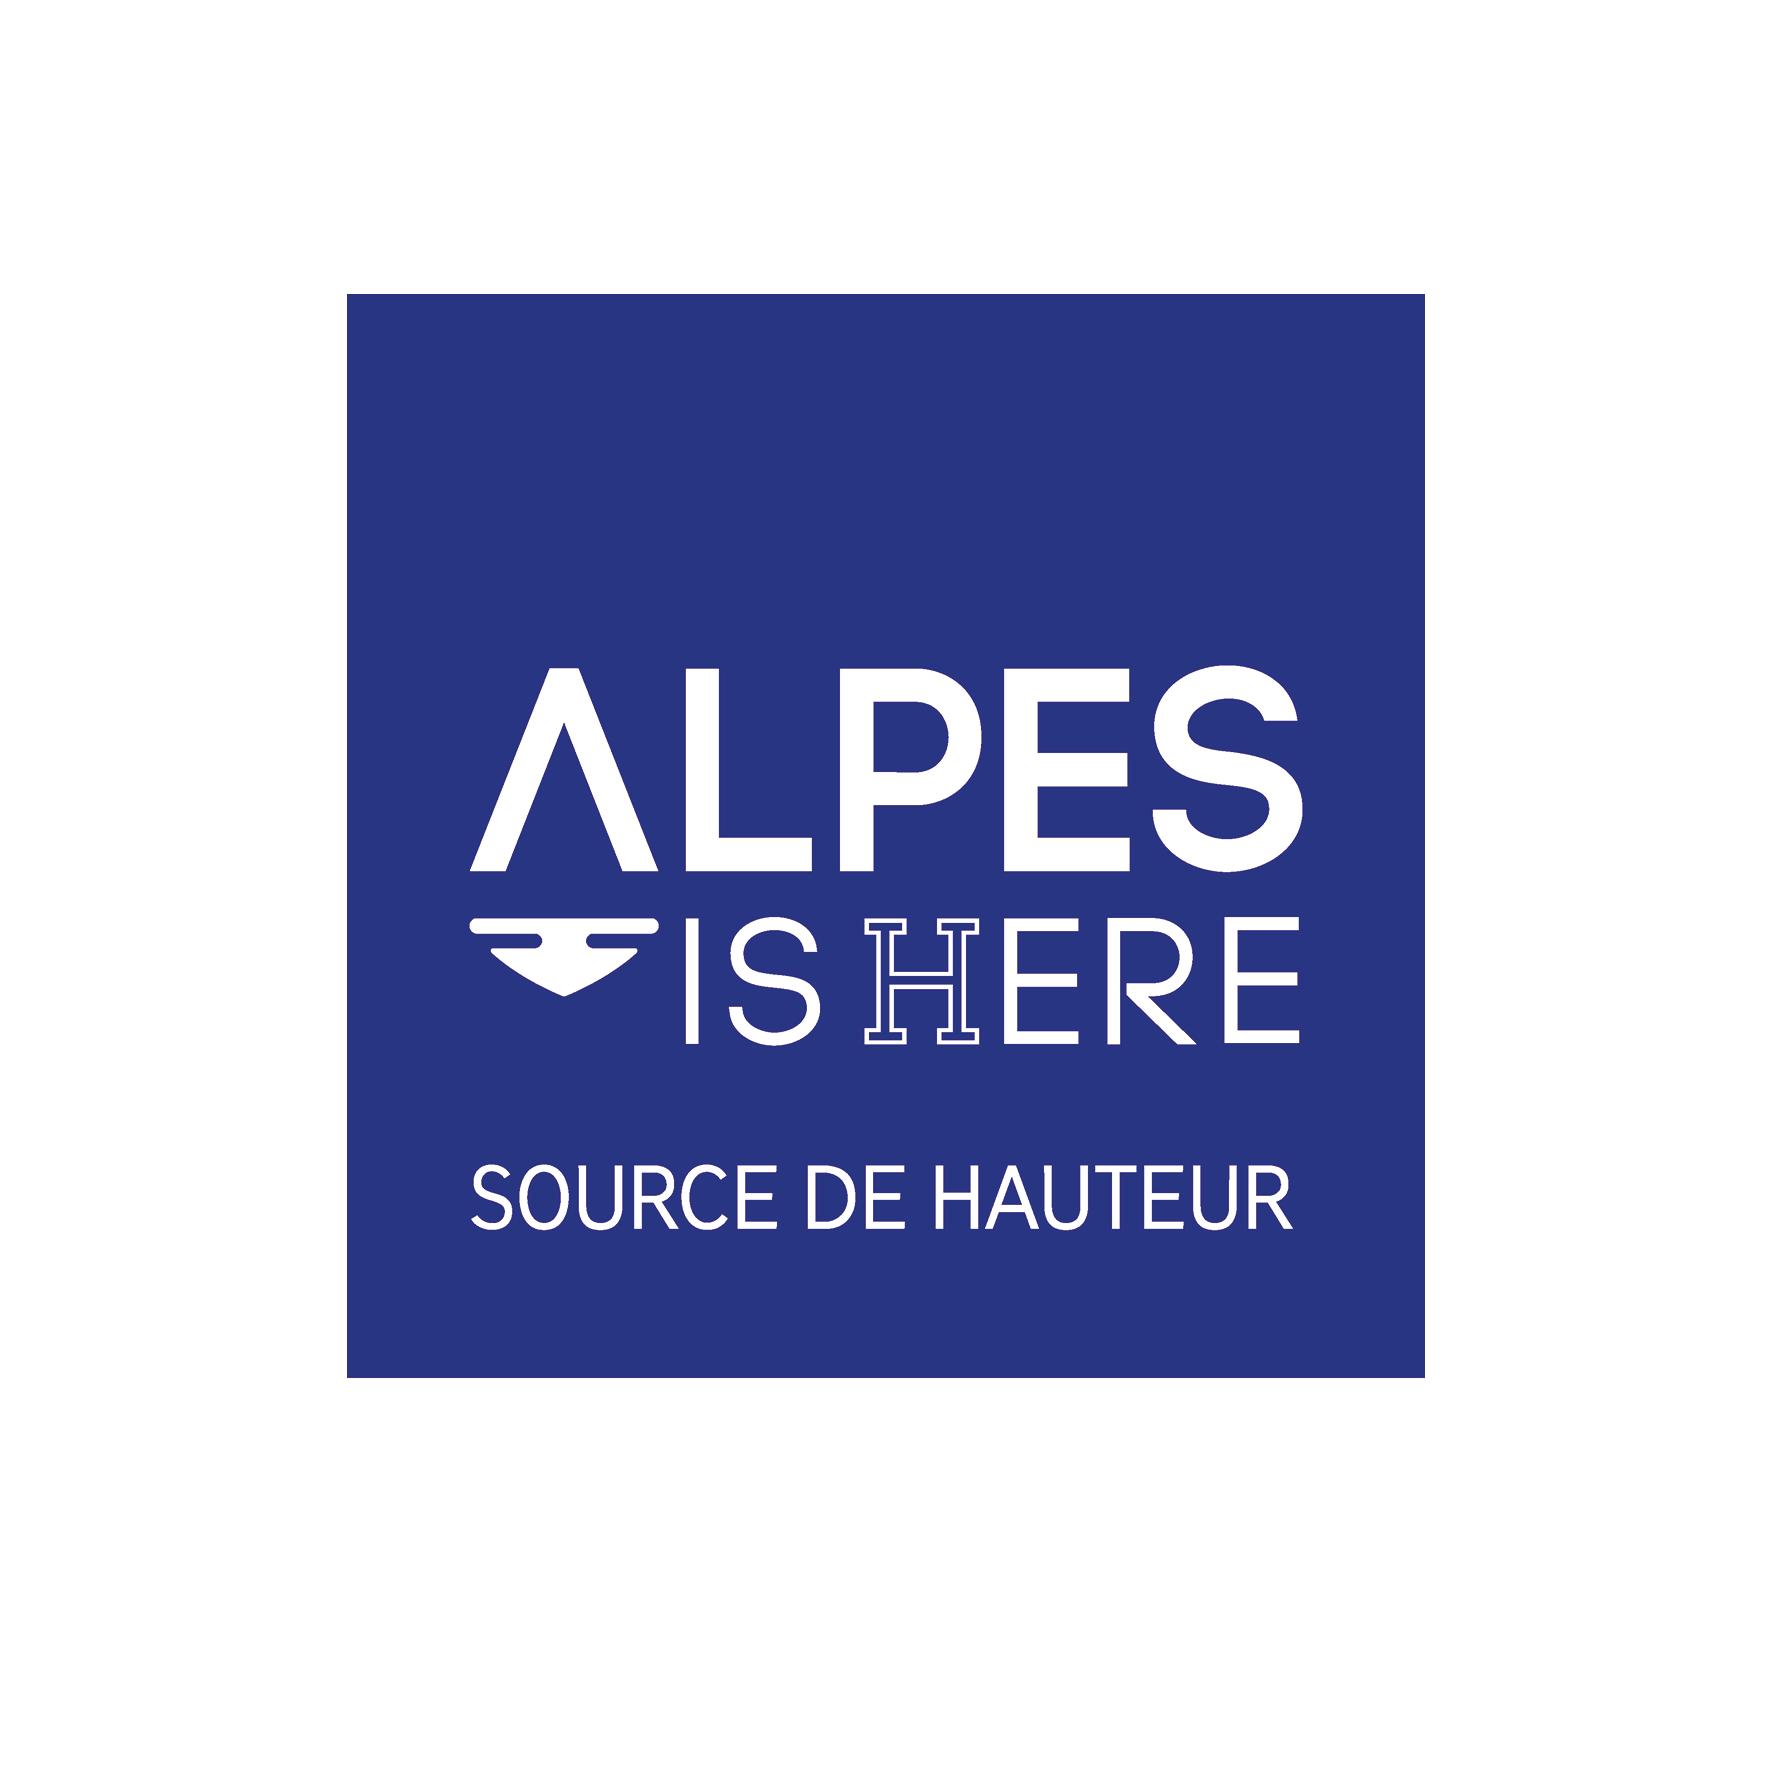 Alpes Isère 1772x1772 CMJN